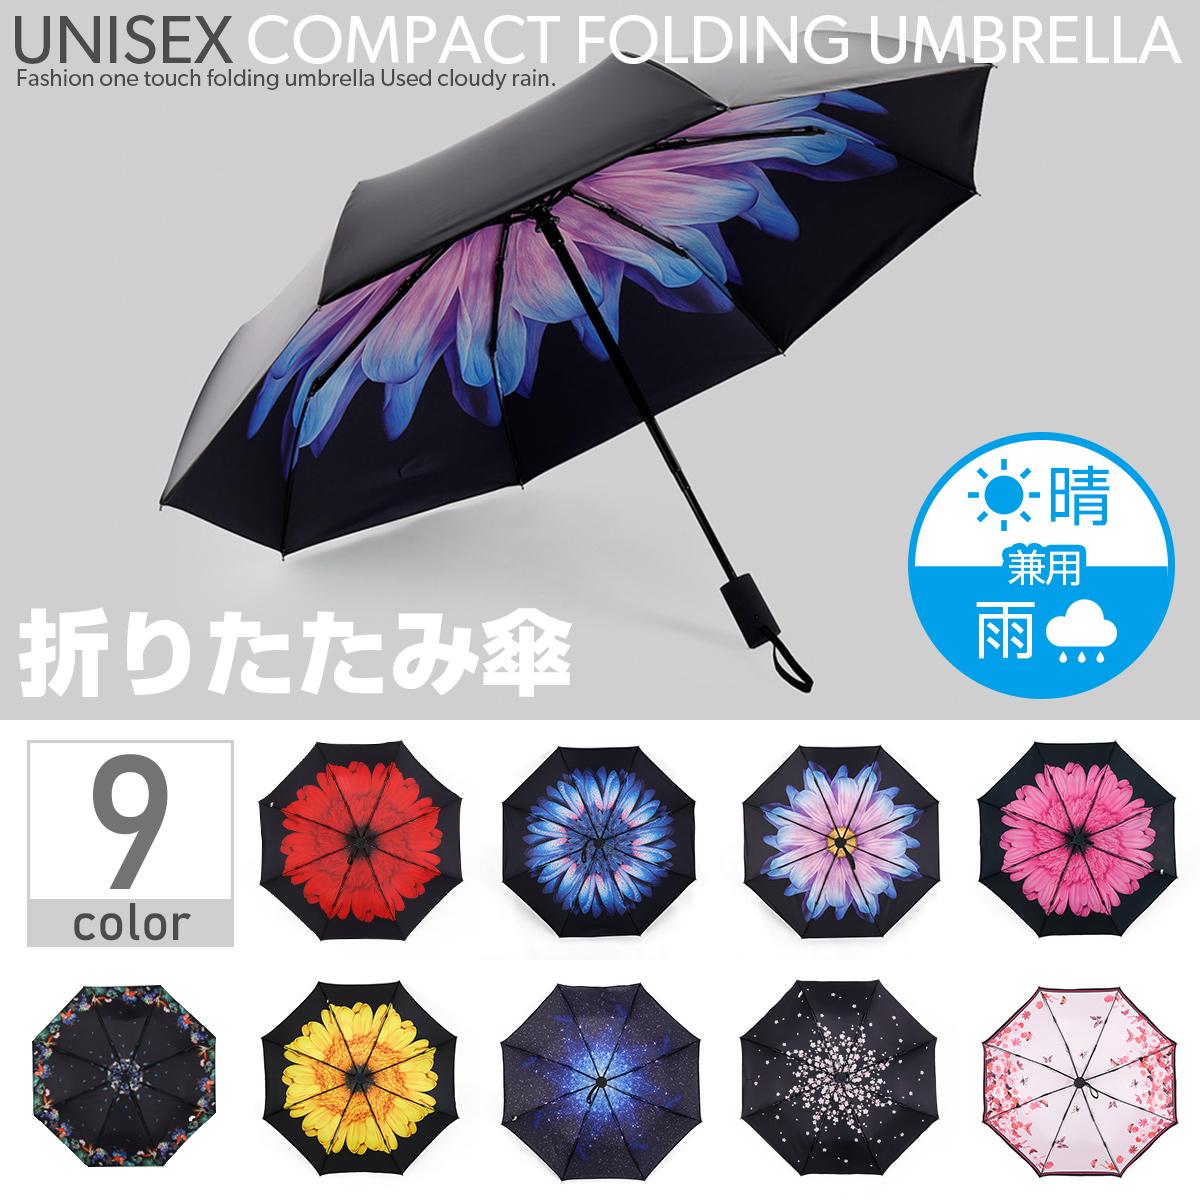 折りたたみ傘 折り畳み傘 晴雨兼用 ワンタッチ 自動開閉 遮光 撥水 UVカット 紫外線対策 9柄 K036-K044